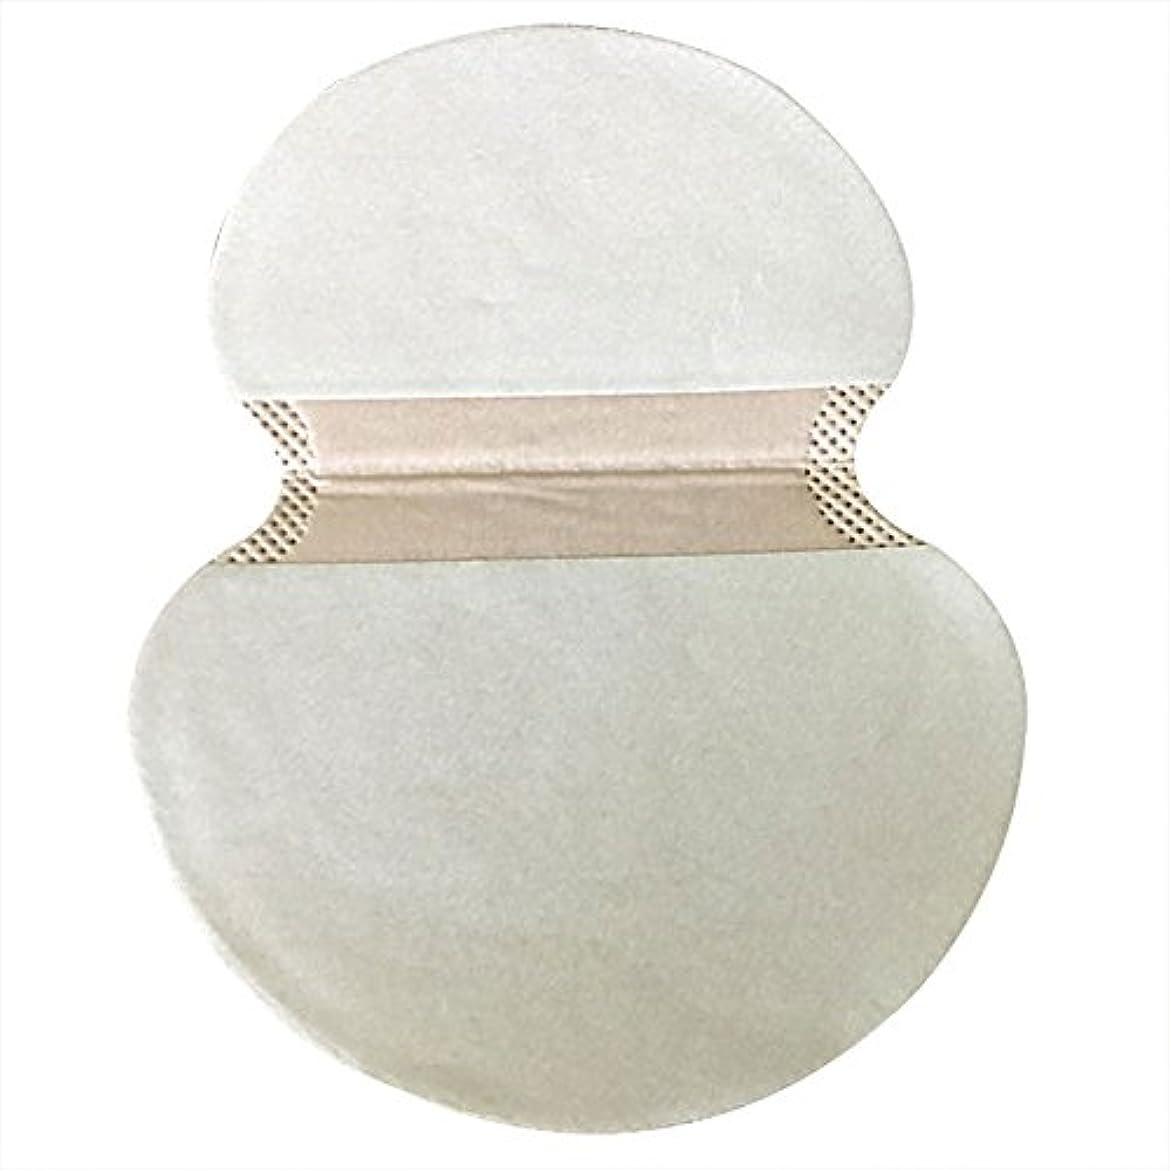 バンジージャンプしつけ強調するkiirou 汗取りパッド わき汗パット 10枚セット さらさら あせジミ防止 防臭シート 無香料 メンズ レディース 大きめ